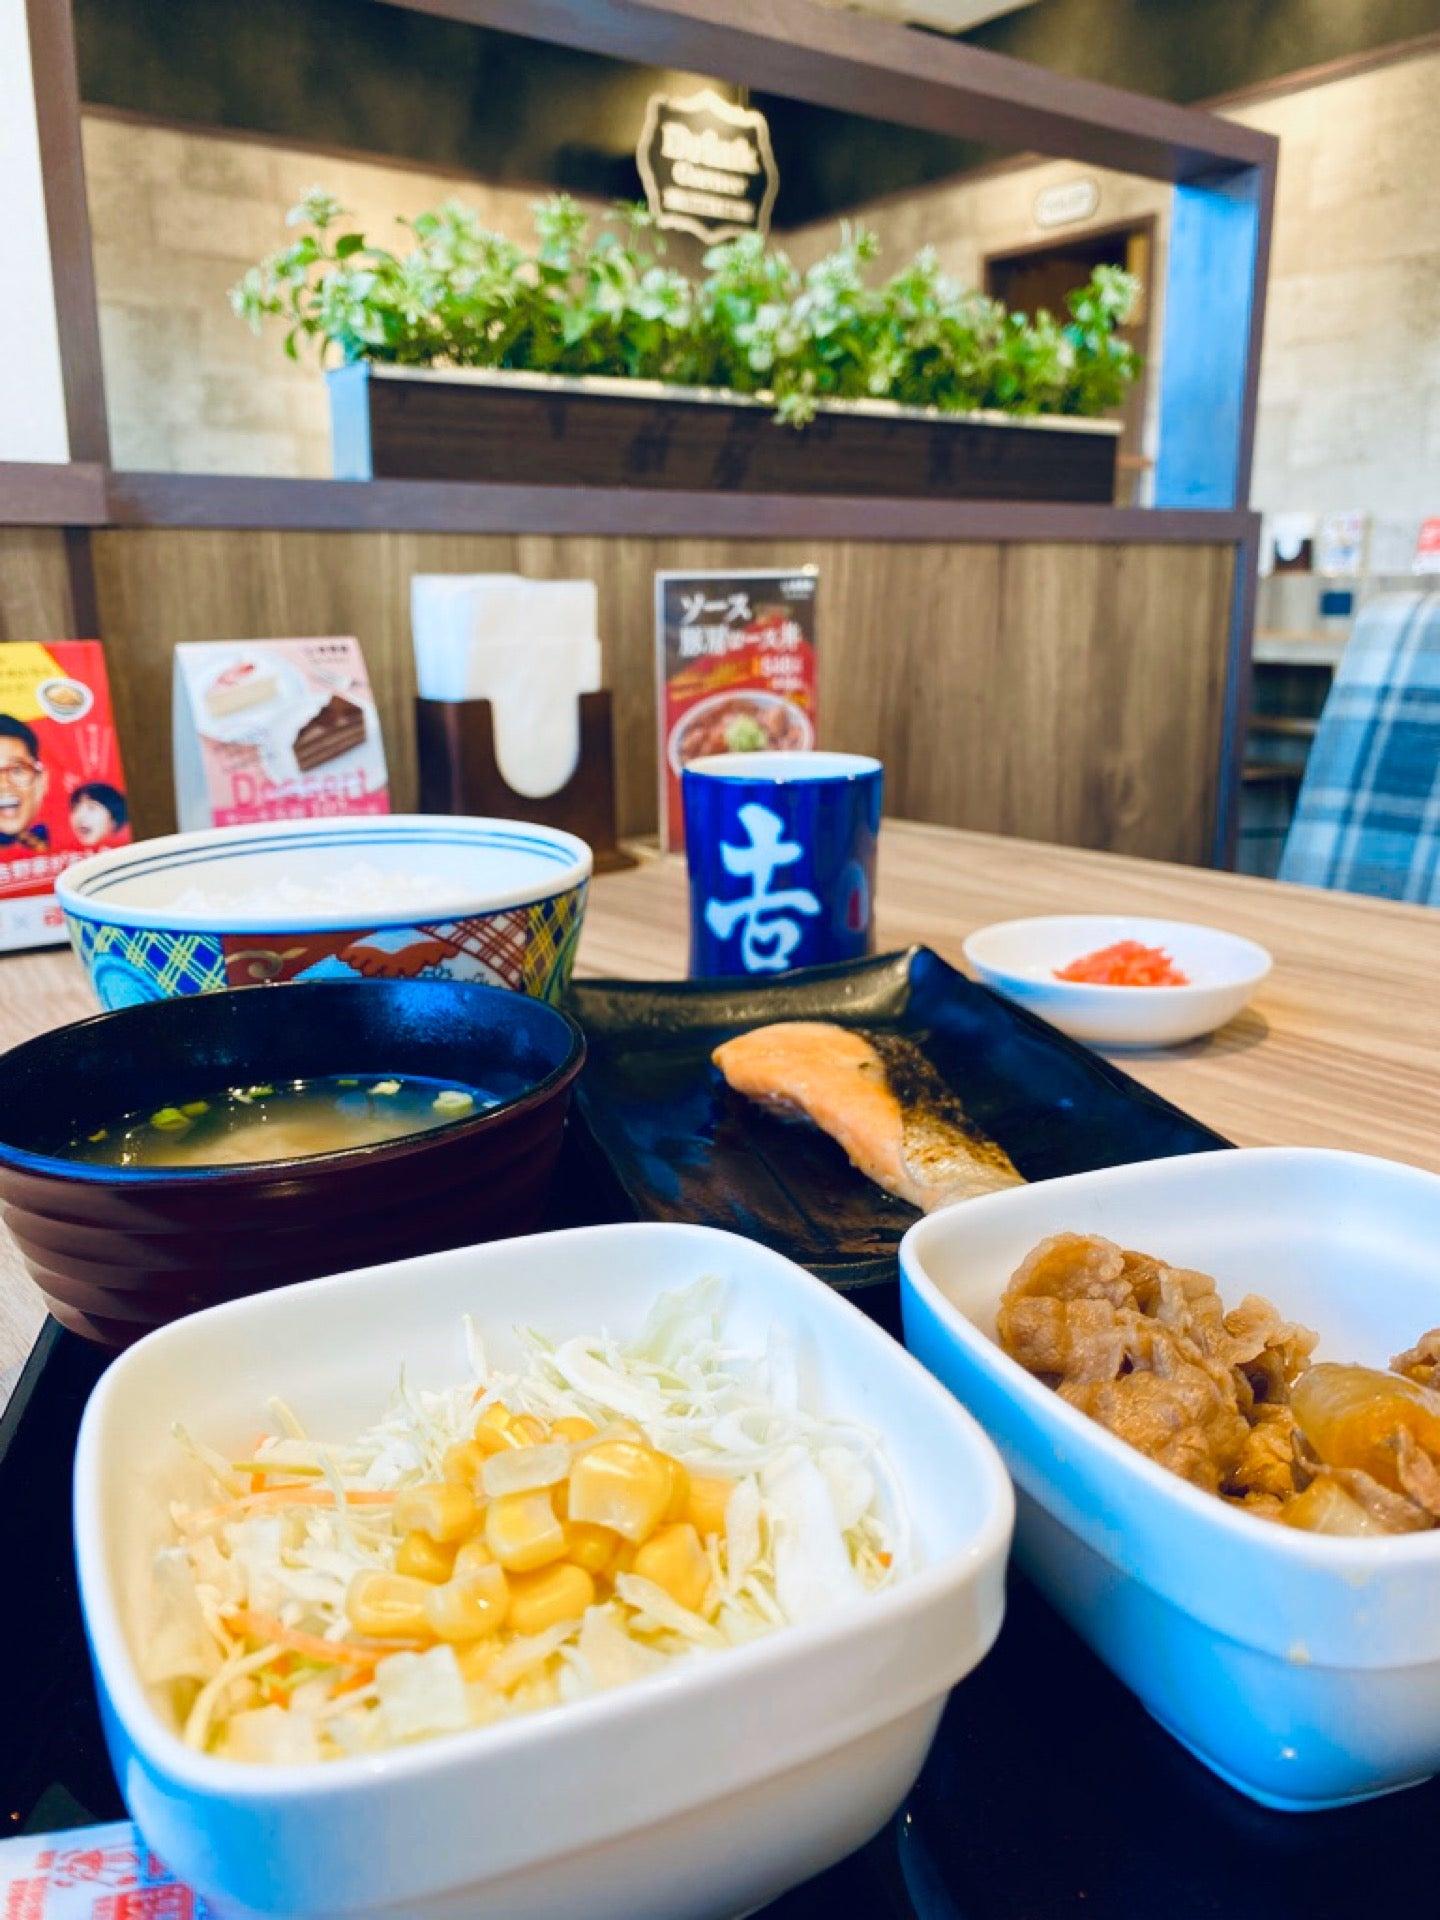 フードコートみたいな吉野家で朝食。 (@ 吉野家 41号線小牧店 - @yoshinoyagyudon in 小牧市, 愛知県) https://t.co/d9mN6ao1sV https://t.co/2s7wRNi0Hr